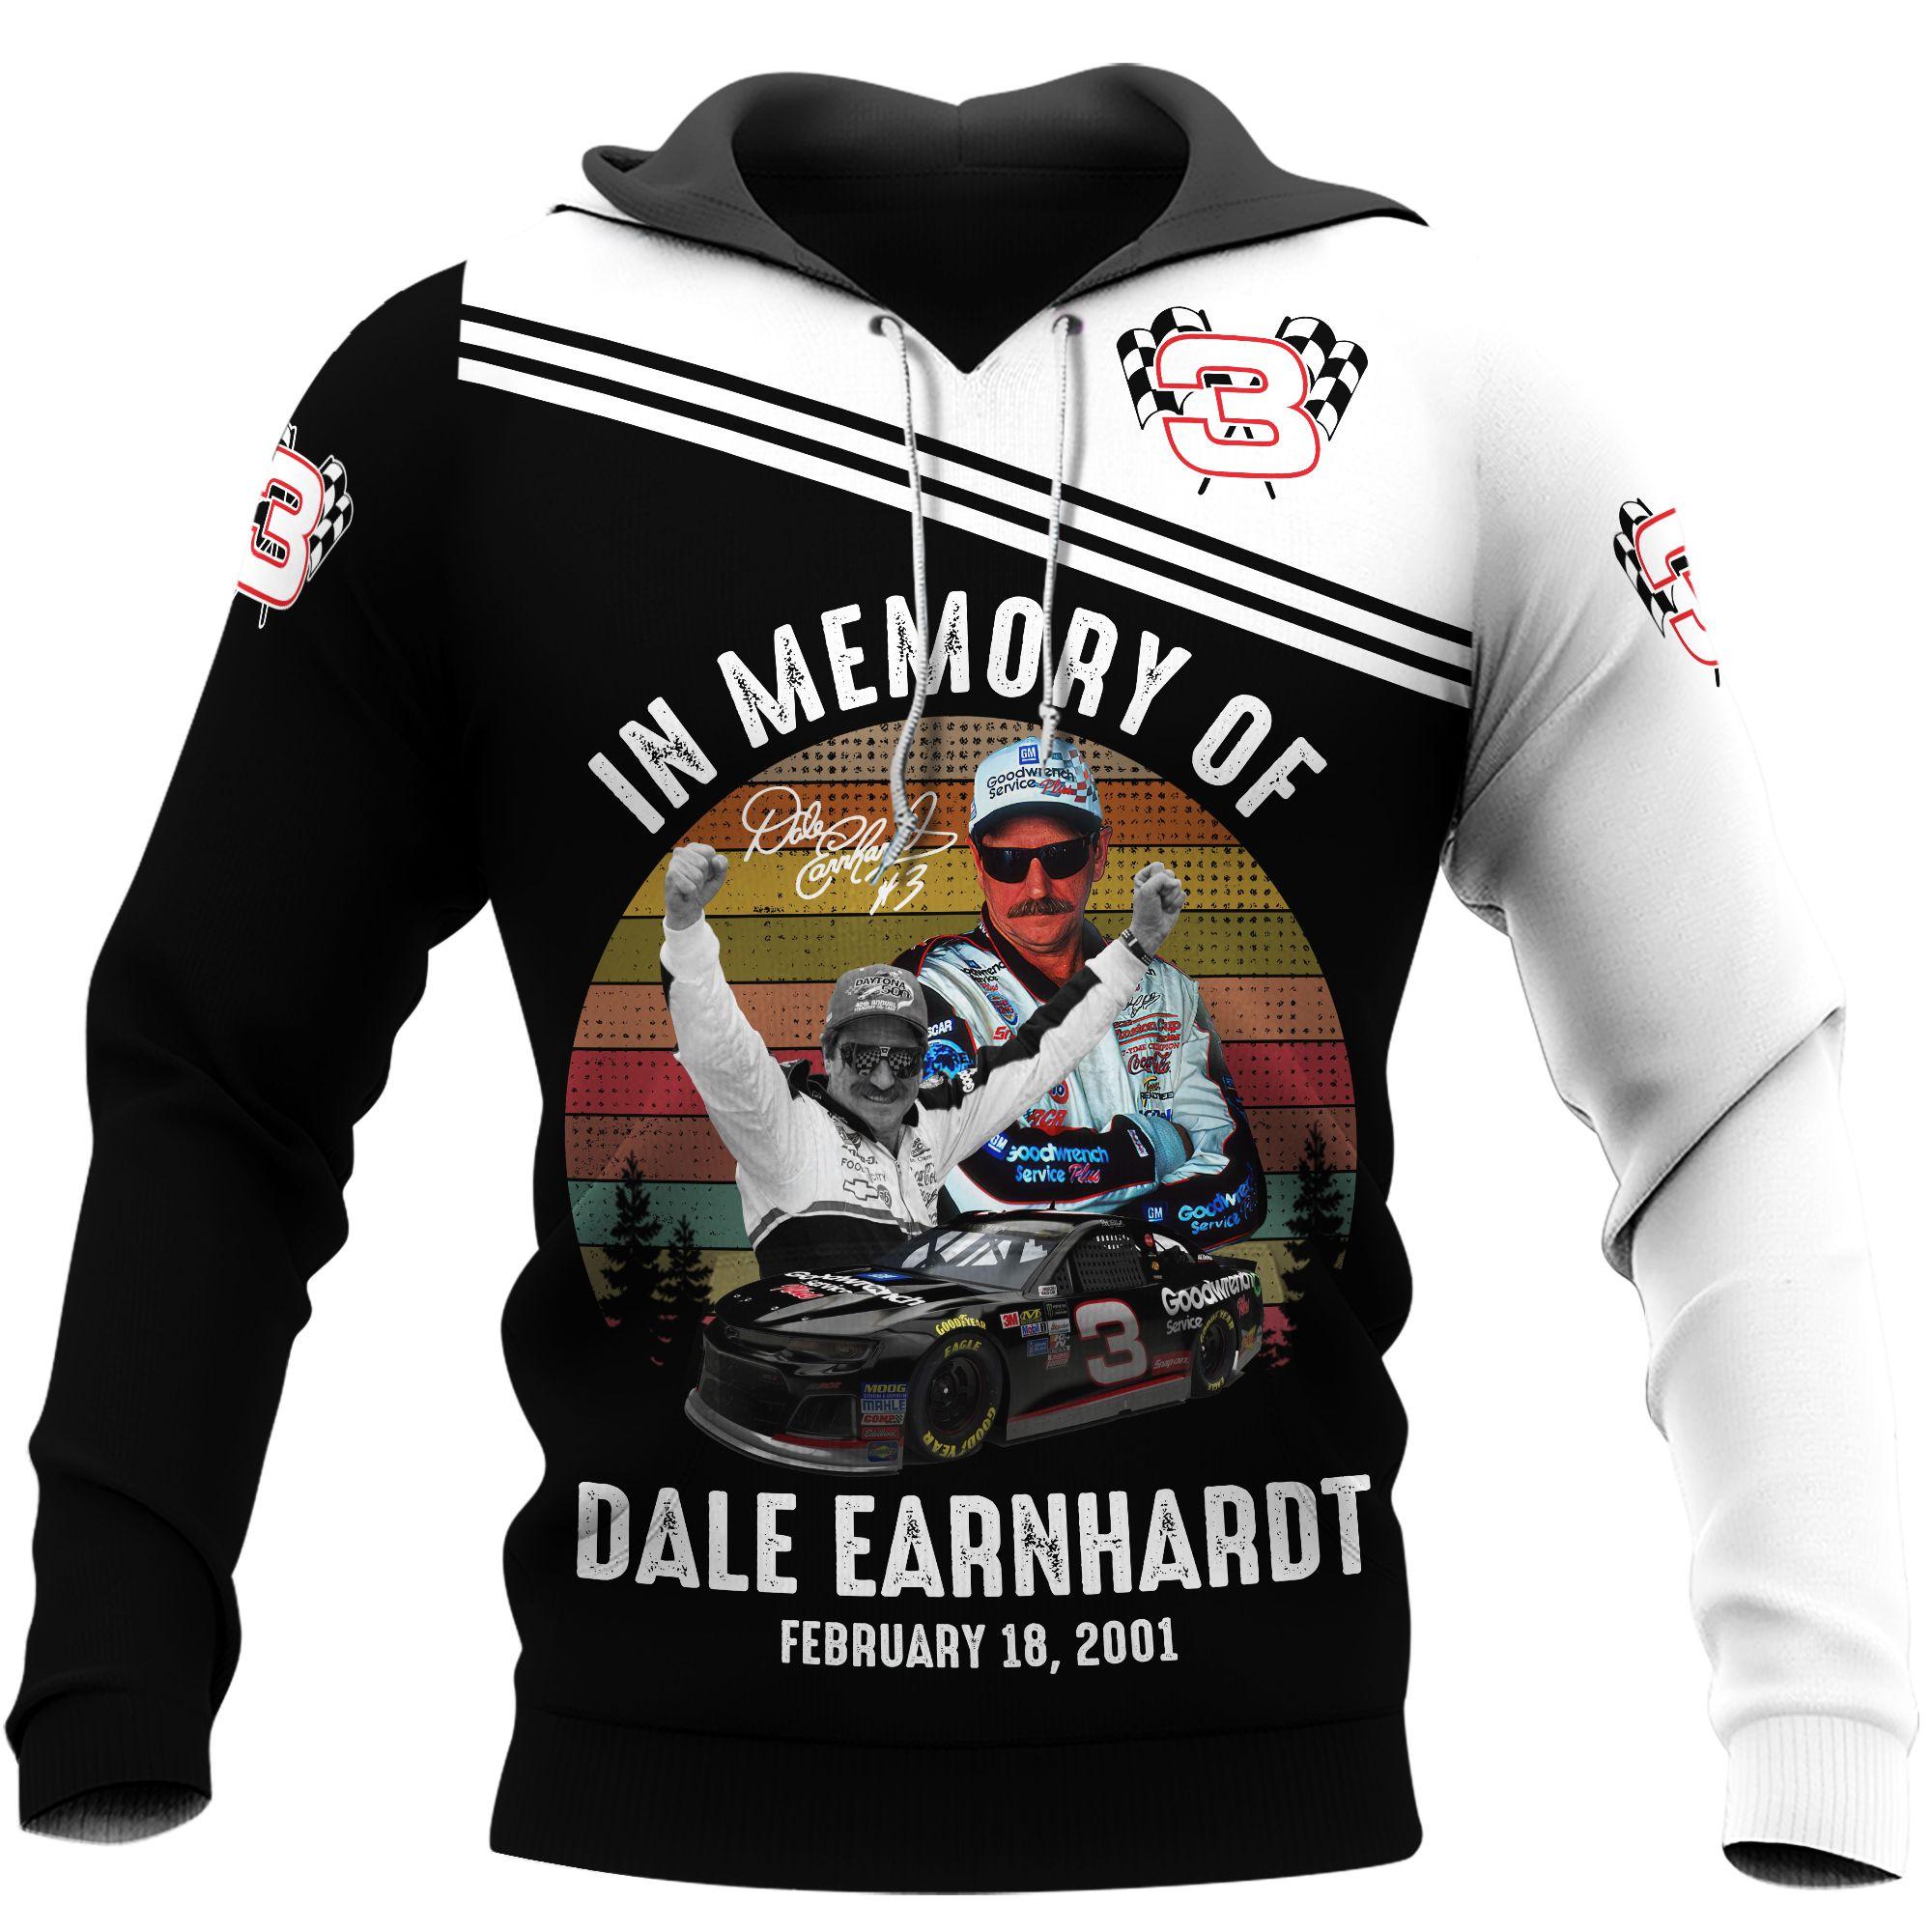 Dale Earnhardt car racing memory 3D Hoodie